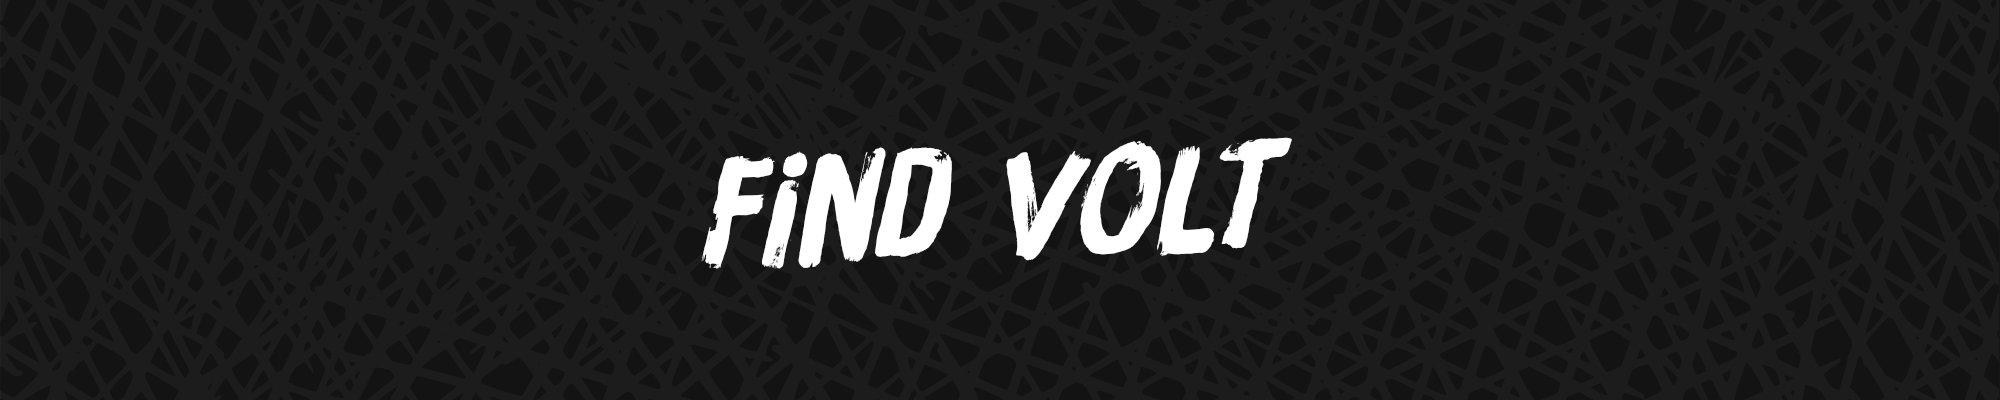 Find VOLT